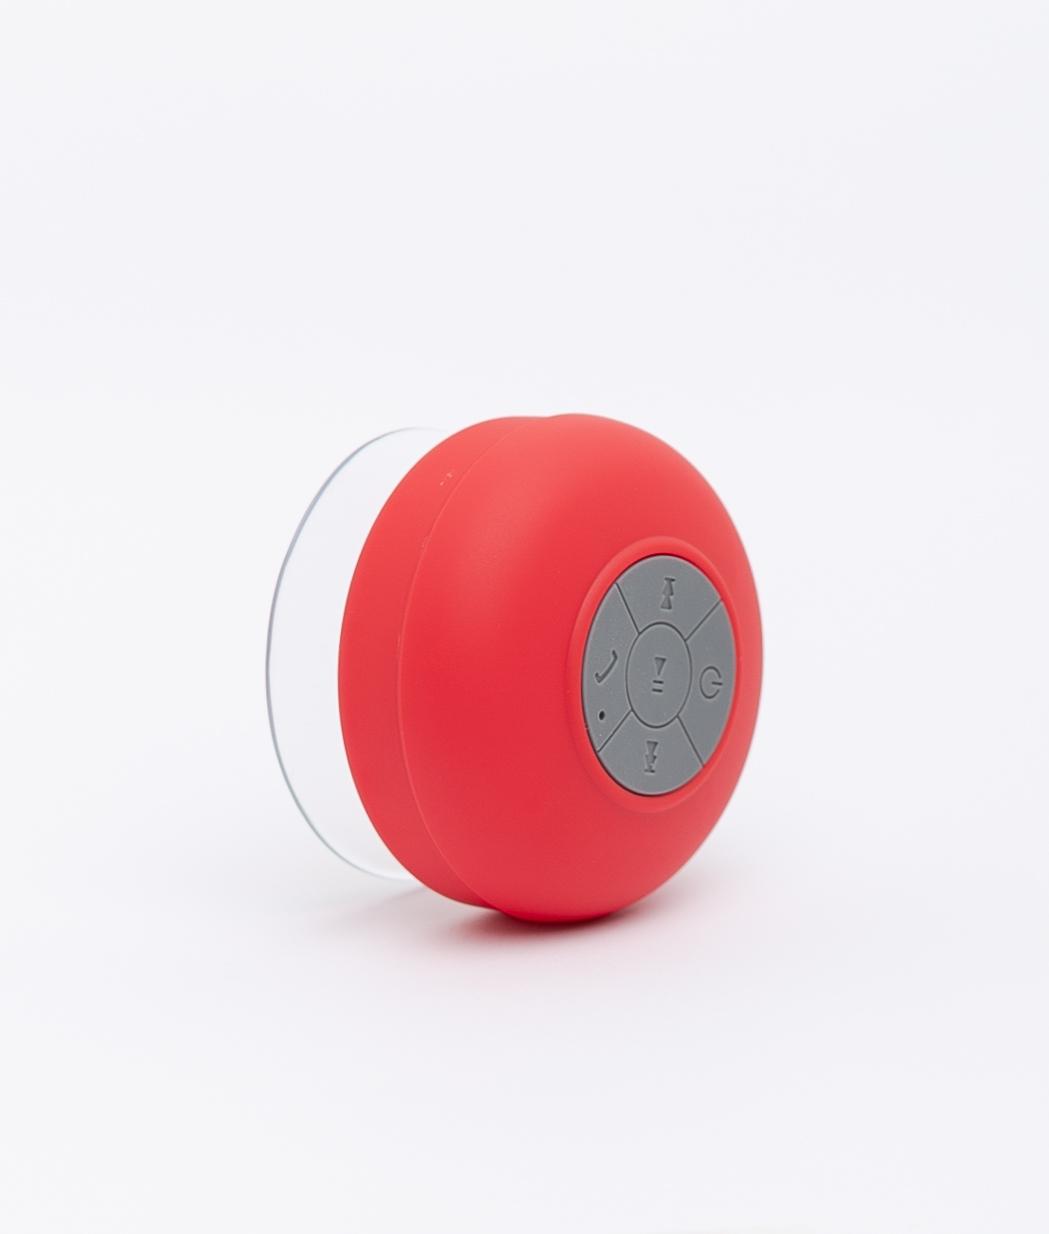 Delta Wireless Speaker - Red